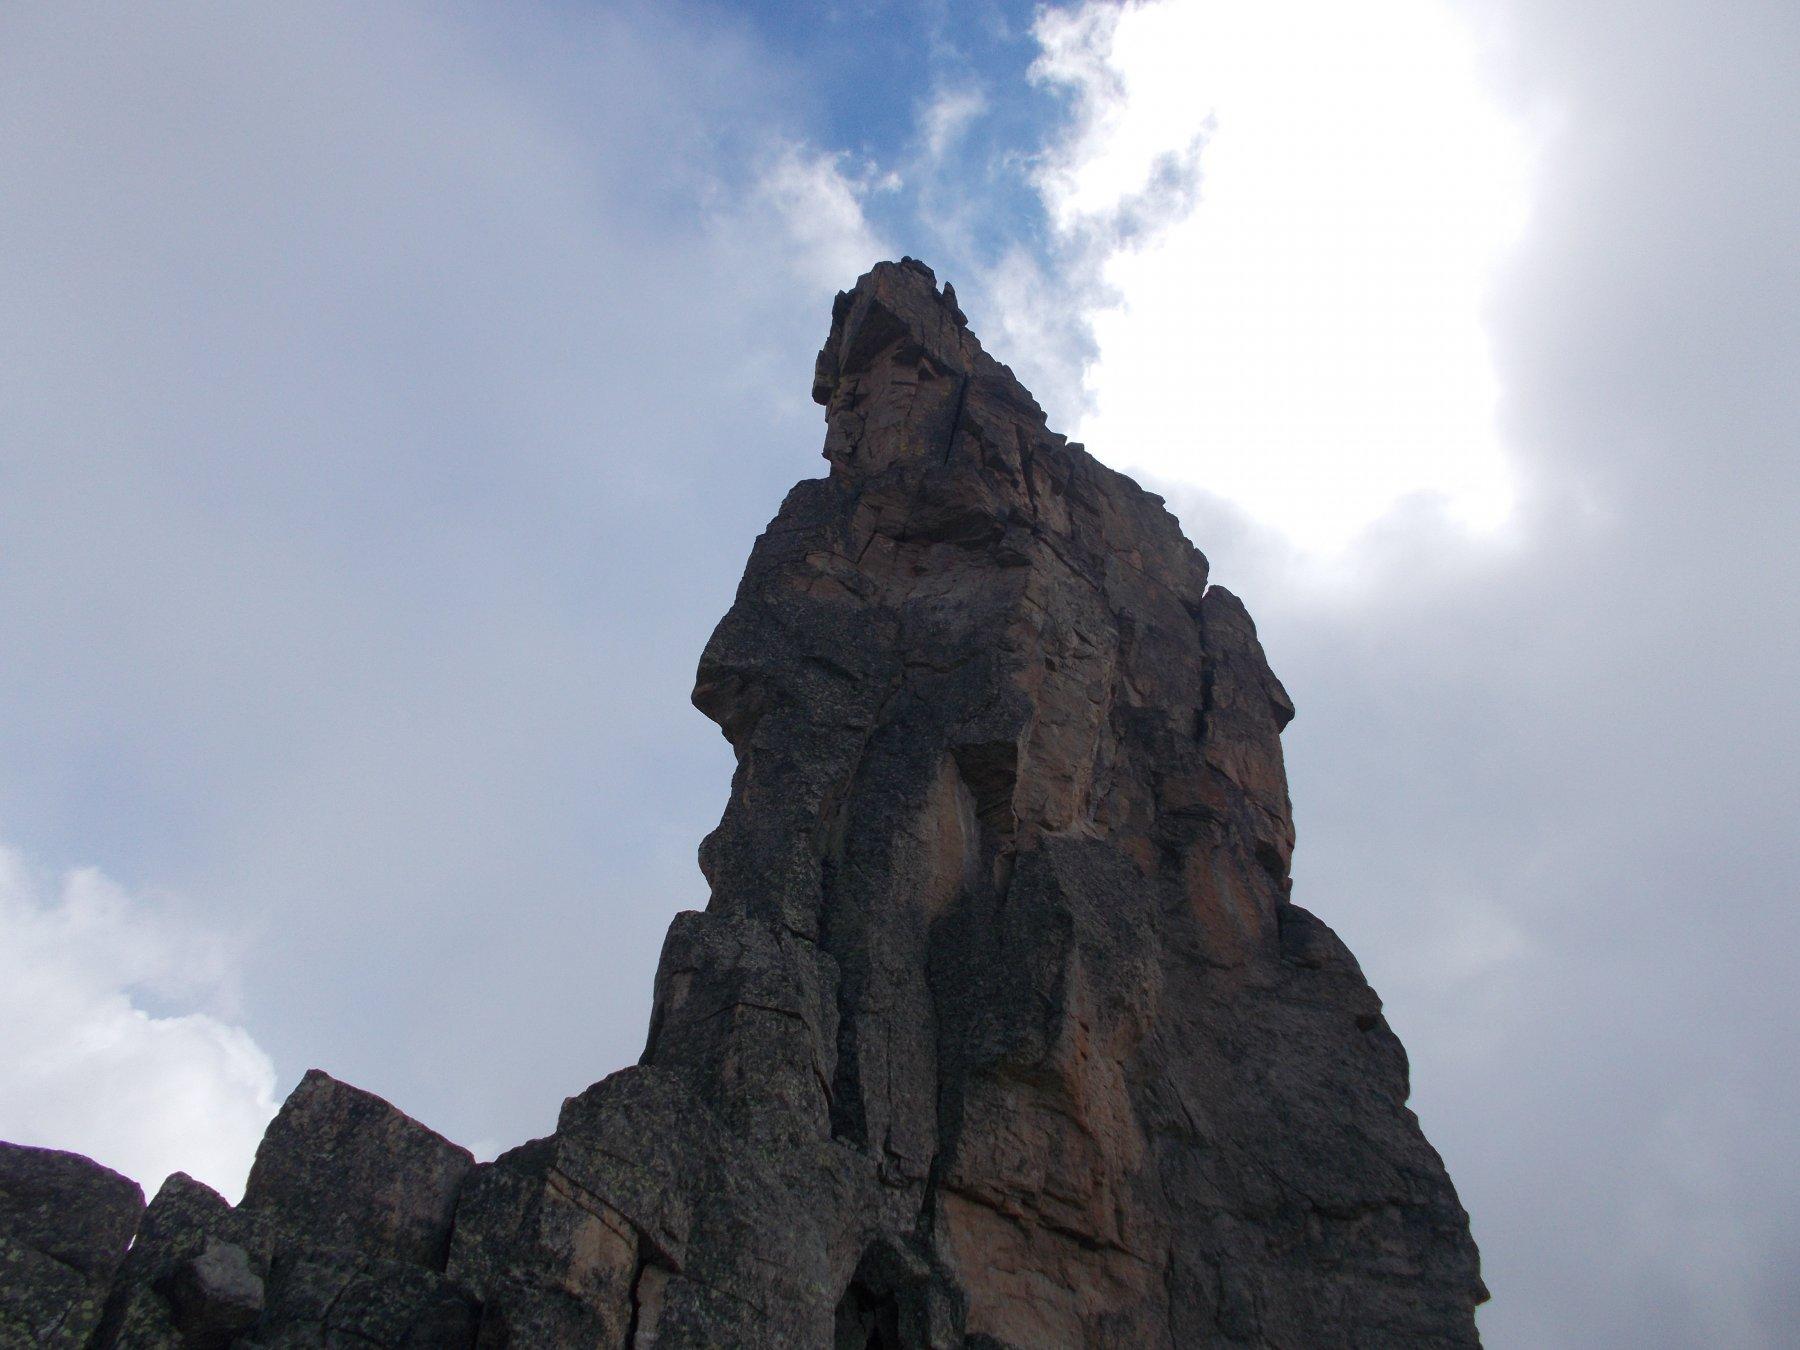 il picco settentrionale cosi come appare elegante e snello.. dal colle del Seone..